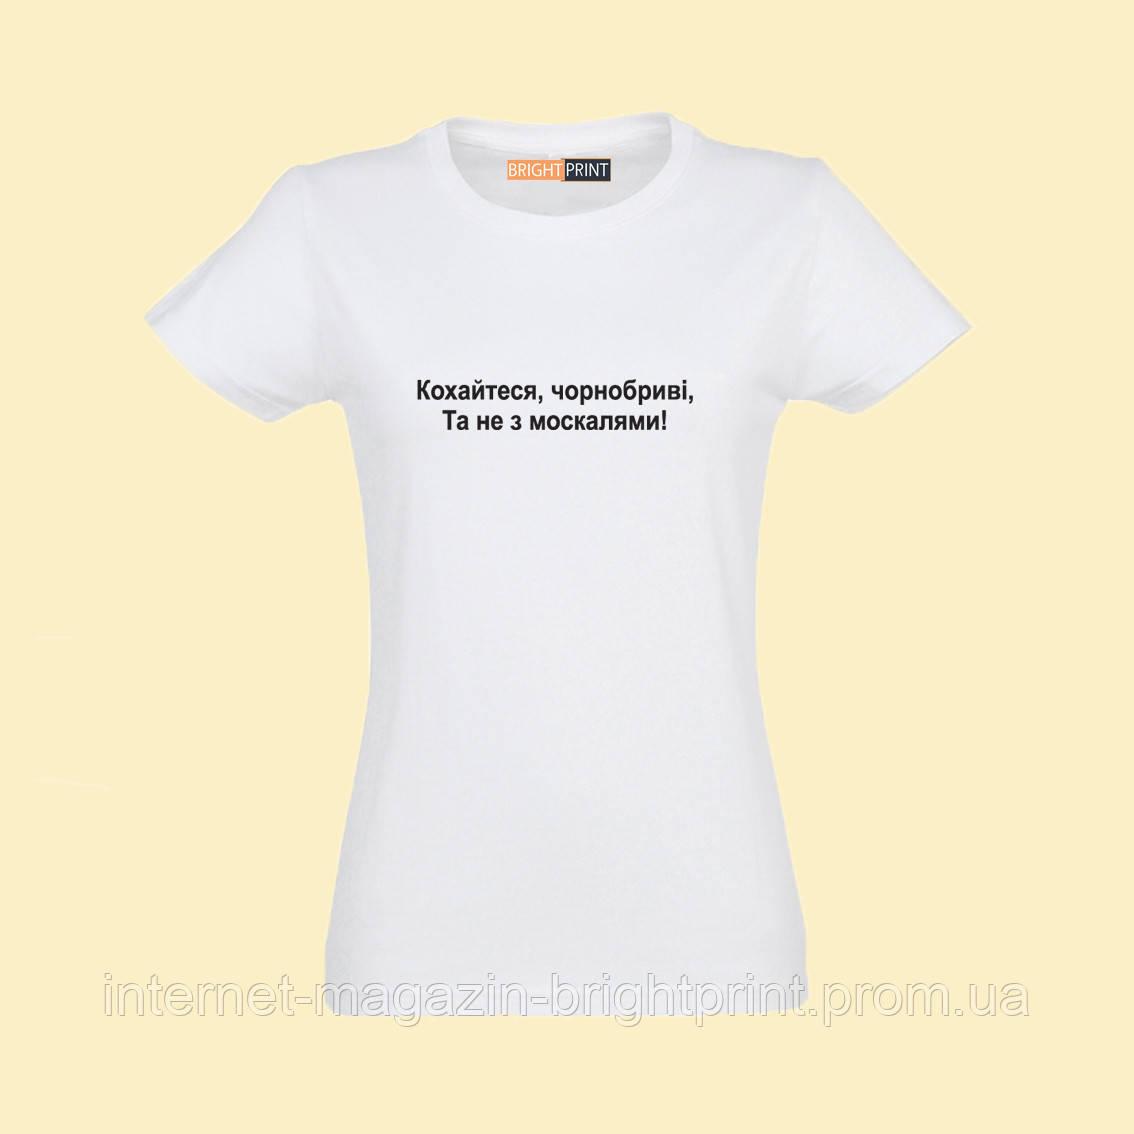 """Жіноча футболка з принтом """"Кохайтеся, чорнобриві"""""""